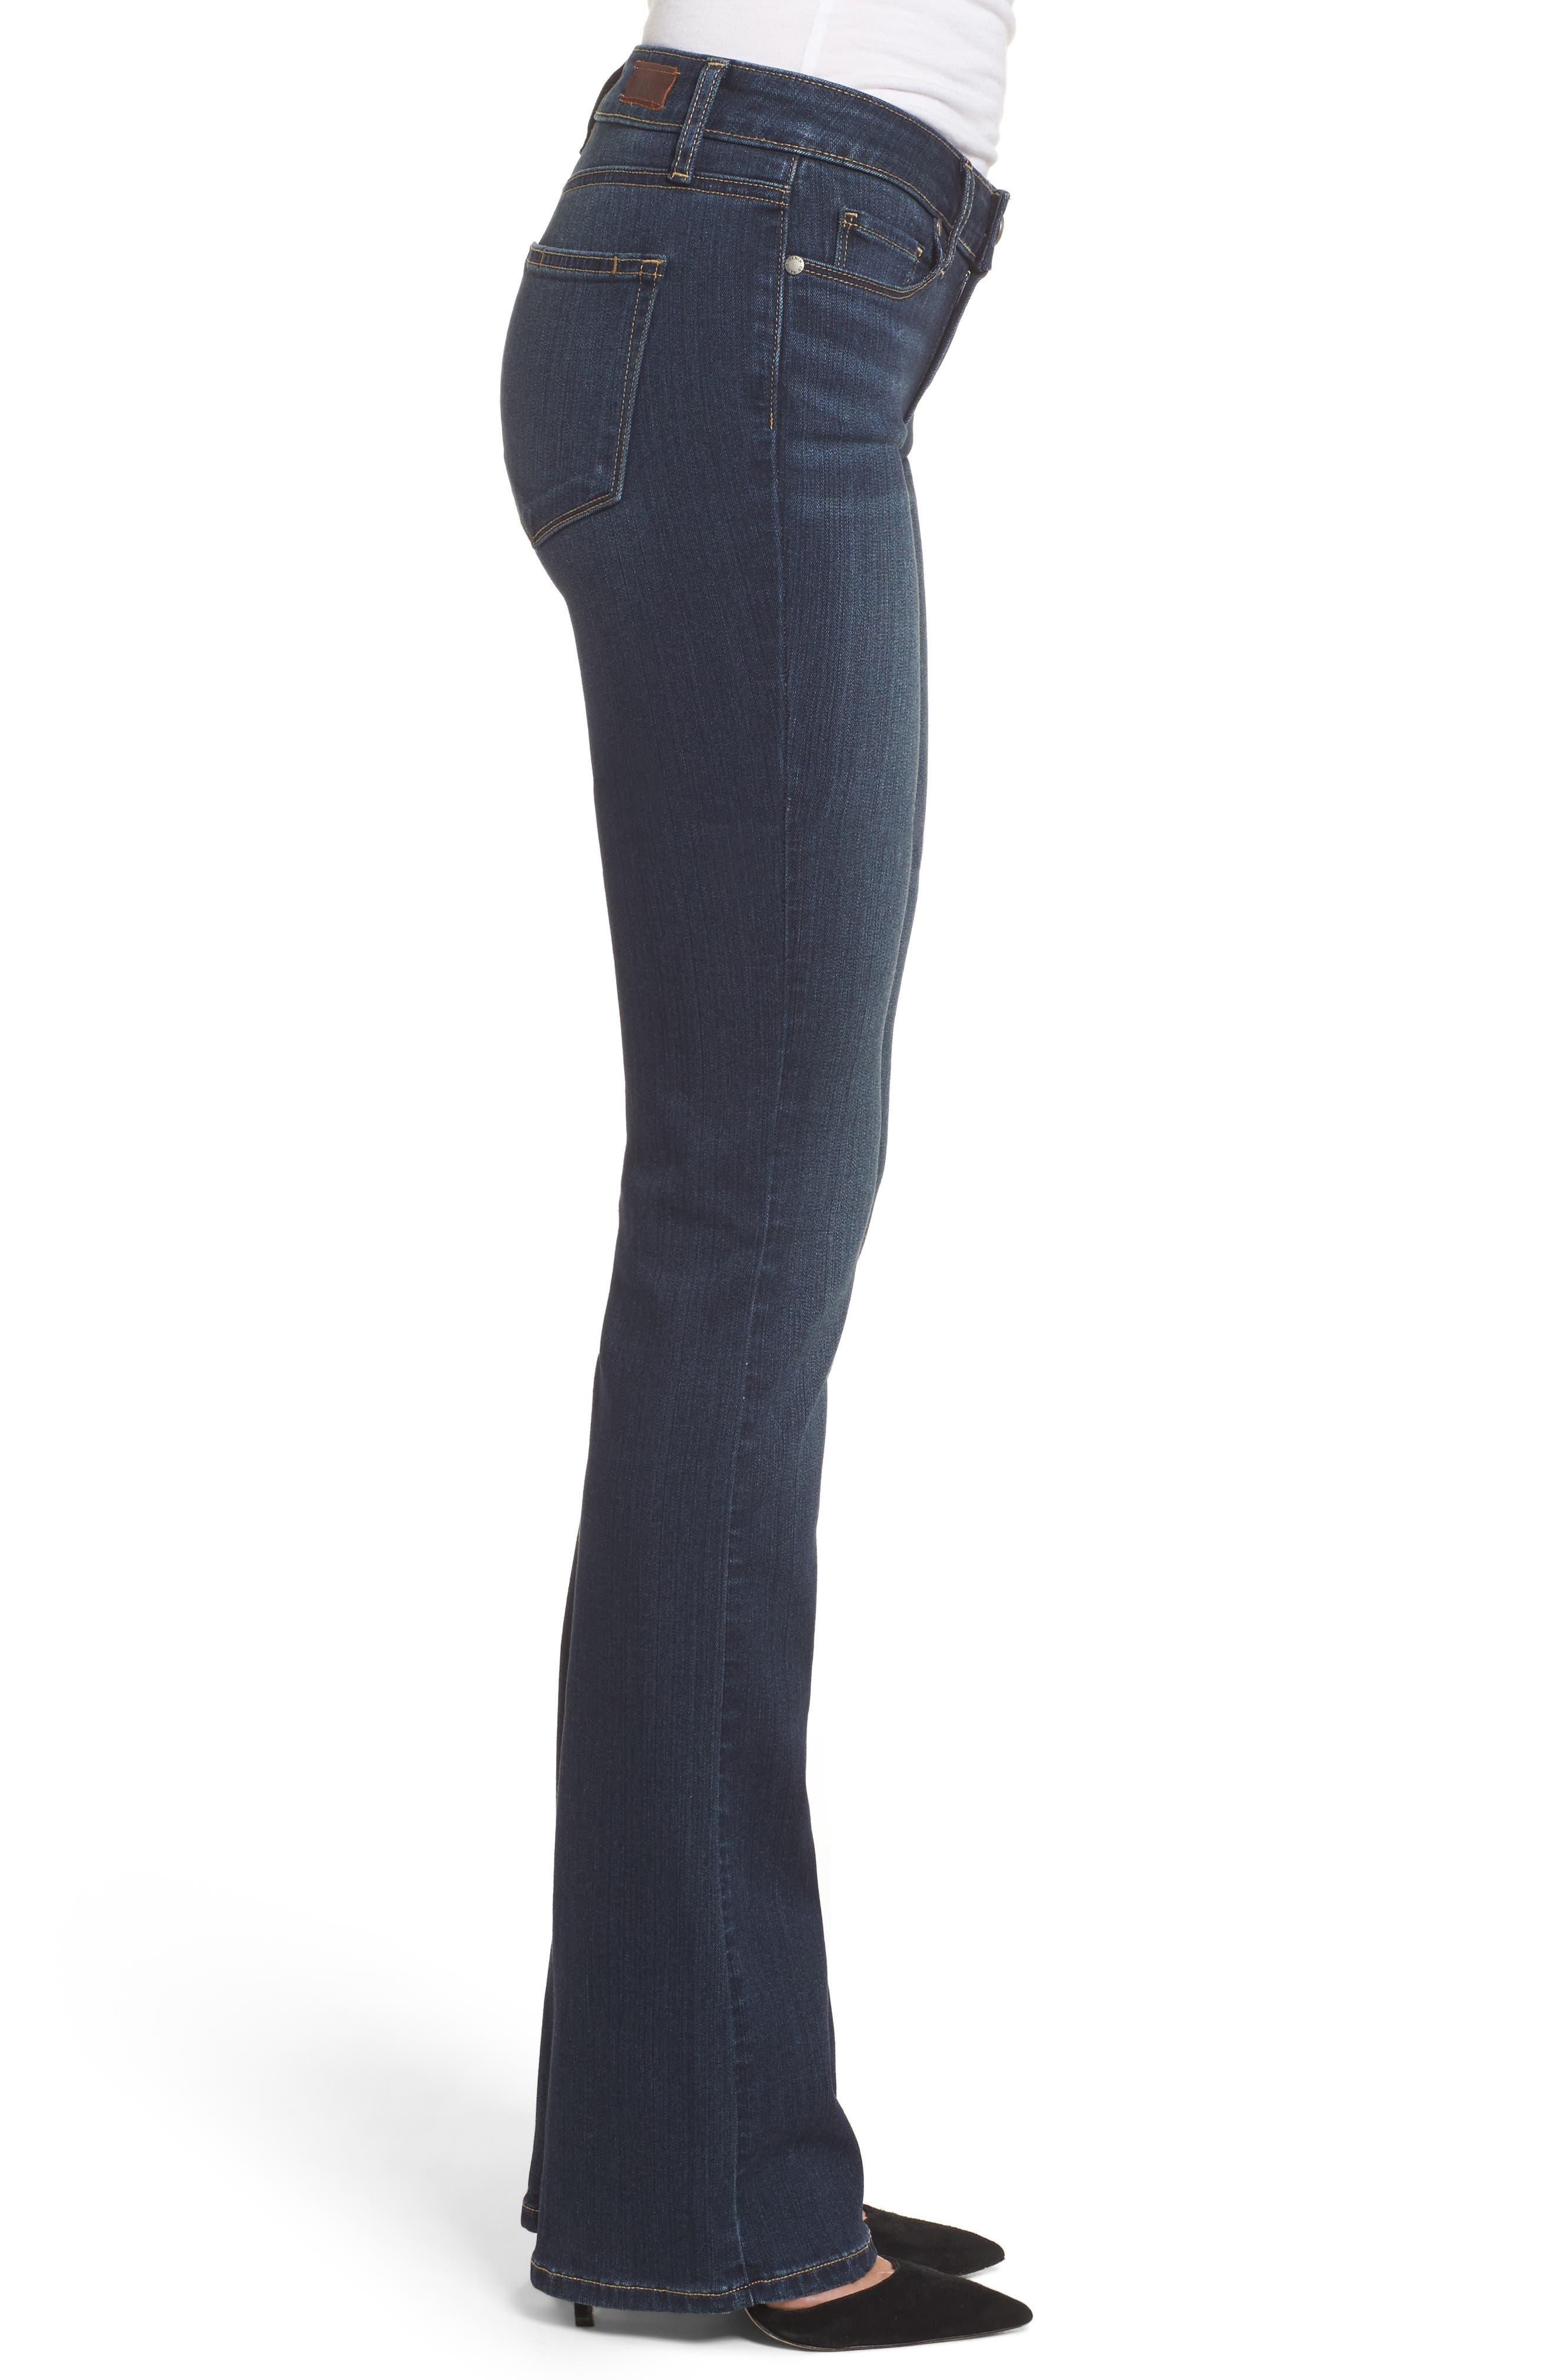 PAIGE, Transcend - Manhattan Bootcut Jeans, Alternate thumbnail 4, color, NOTTINGHAM